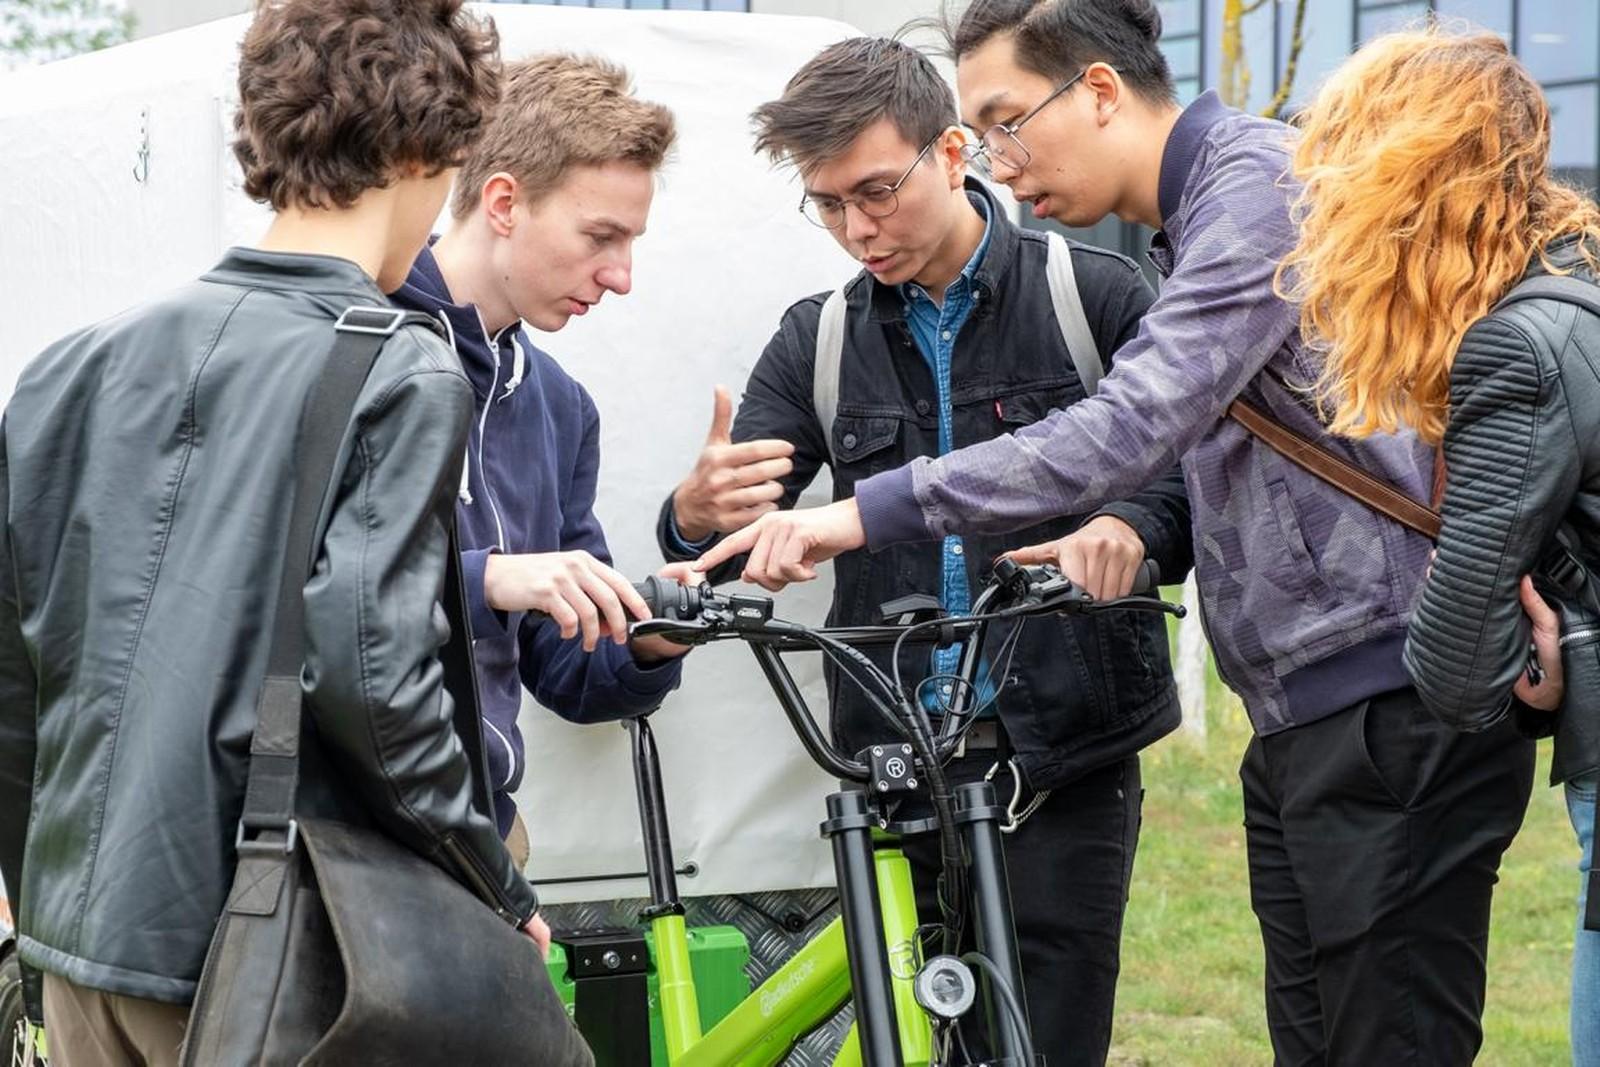 Die Studierenden zu Gast bei Green Pack: In den nächsten Monaten werden sie mit Hilfe des Unternehmens an der Entwicklung neuer mobieler Elektroanwendungen arbeiten.